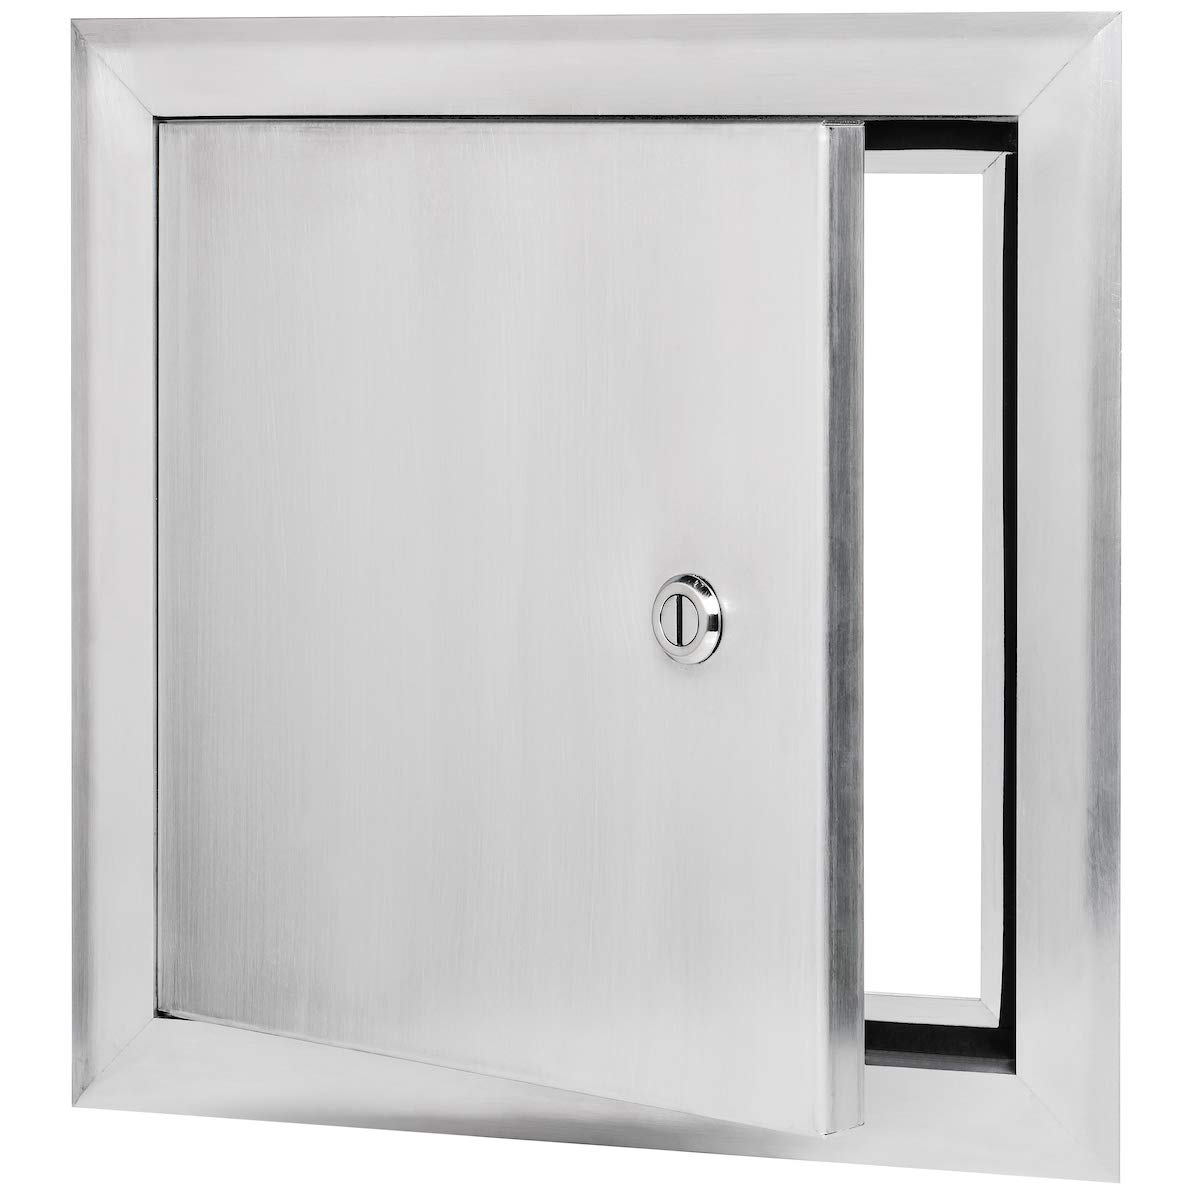 Premier 2400 Series Aluminum Universal Access Door 24 x 24 (Screwdriver Latch)